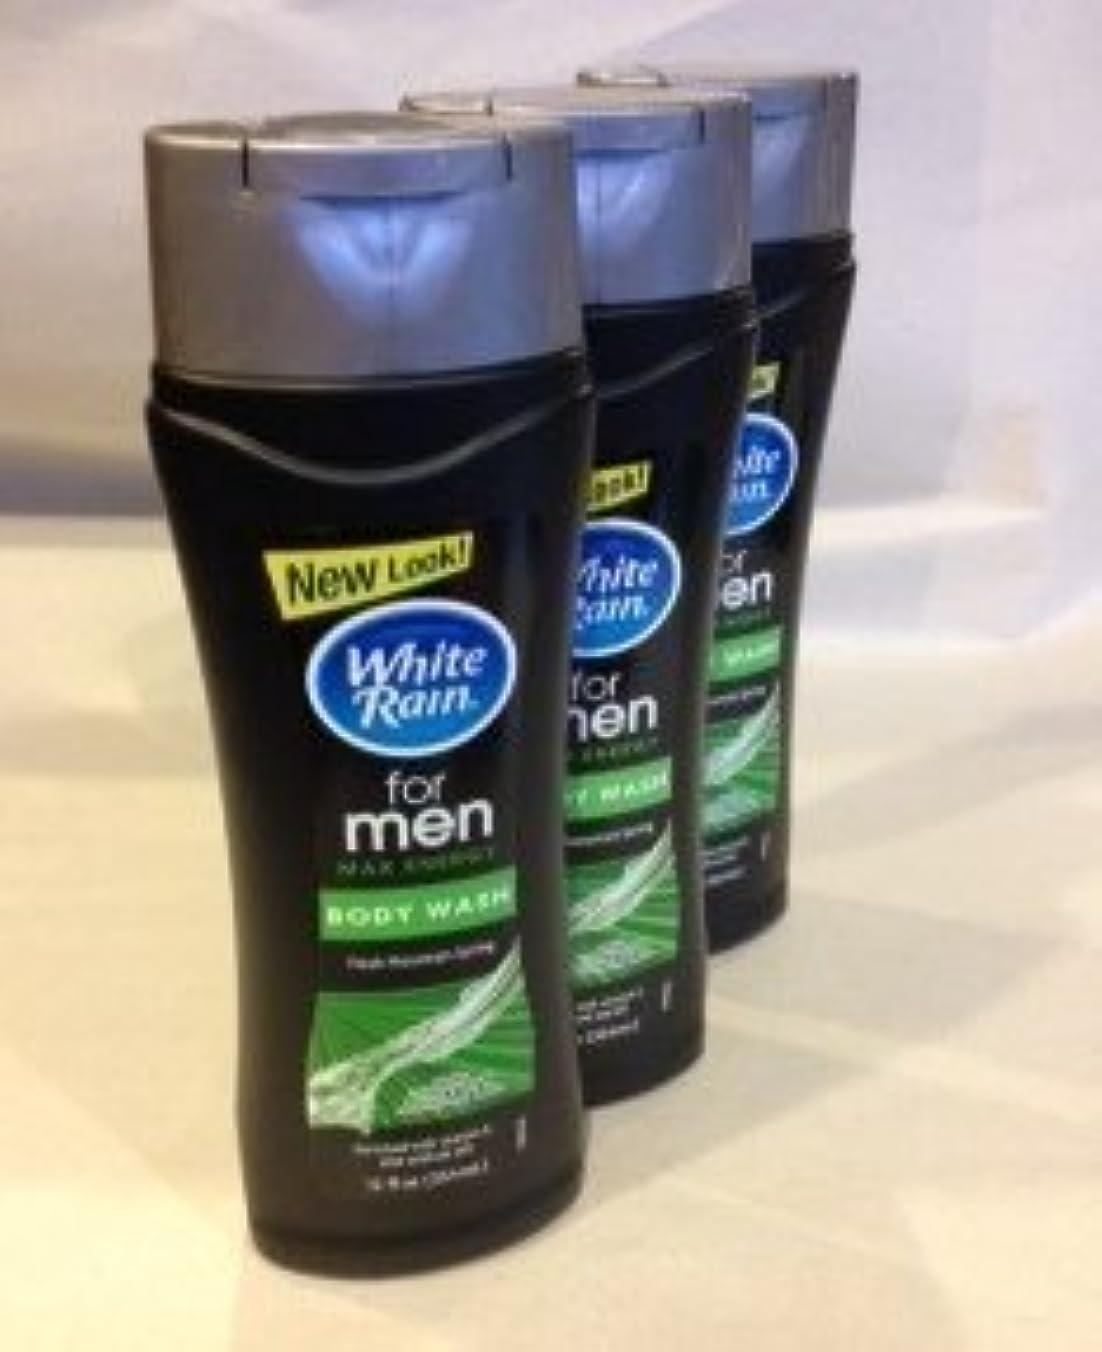 好奇心受け入れた頑固なWhite Rain for Men Body Wash - Freash Mountain Spring Max Energy (QTY 3 Pack by White Rain